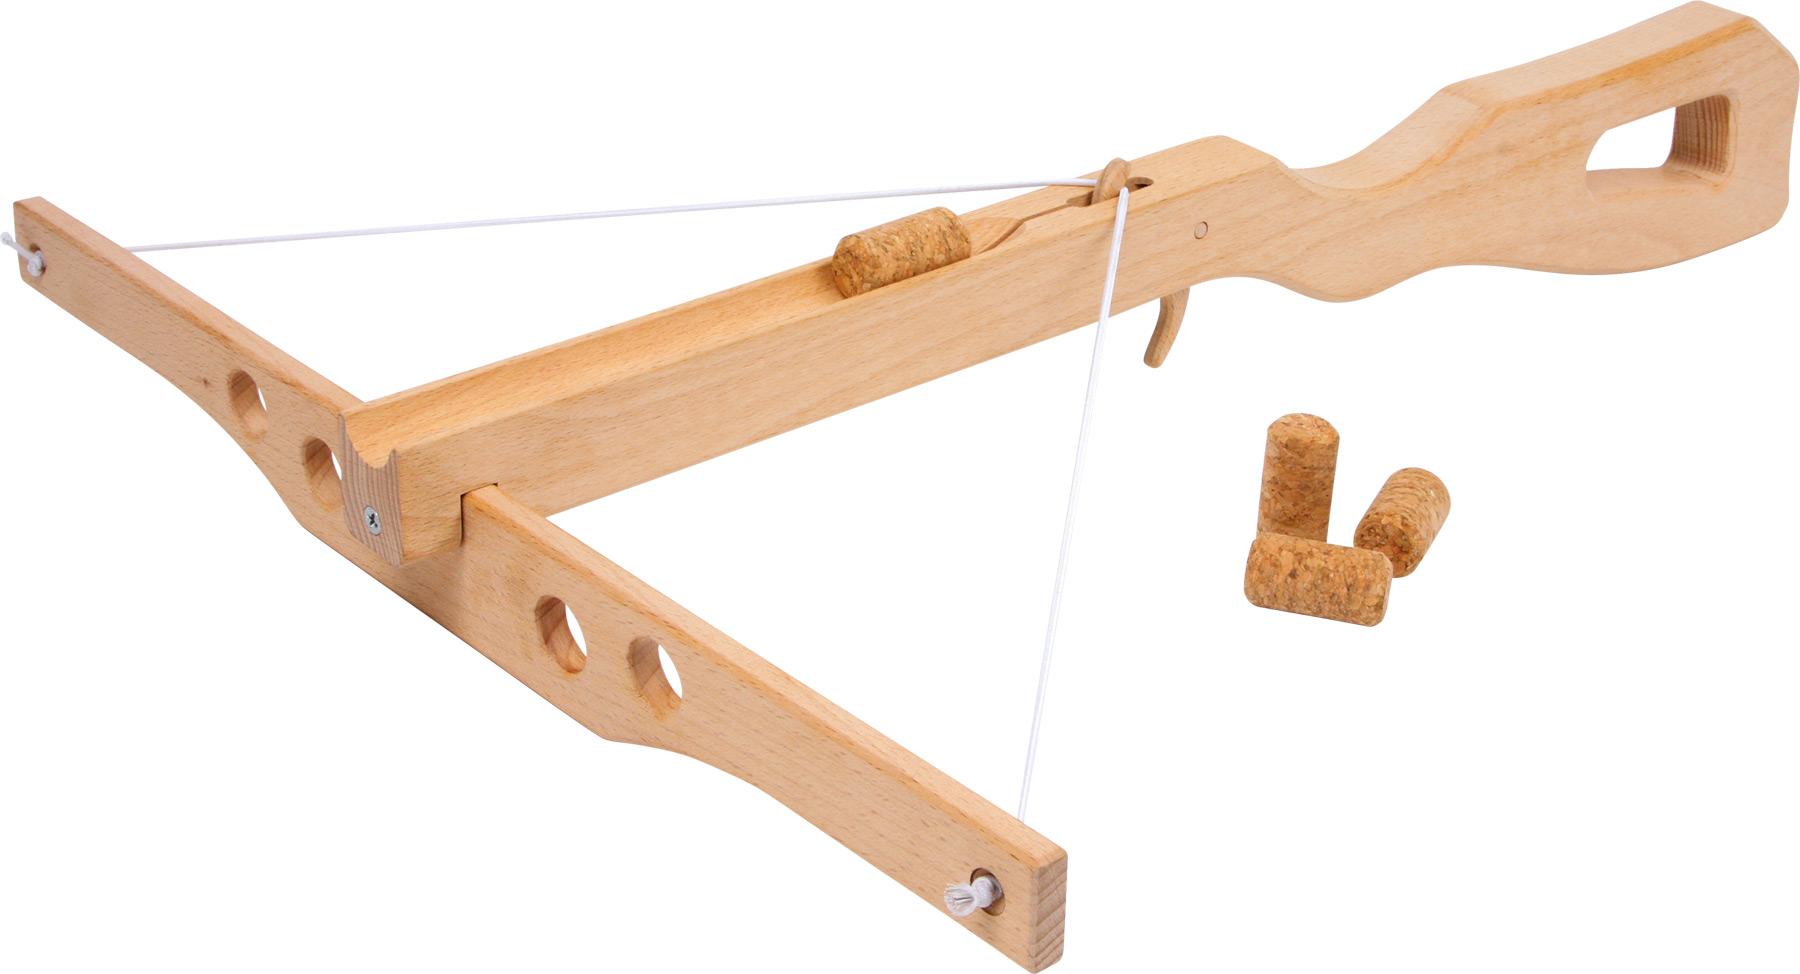 Как сделать арбалет своими руками из дерева стреляющий